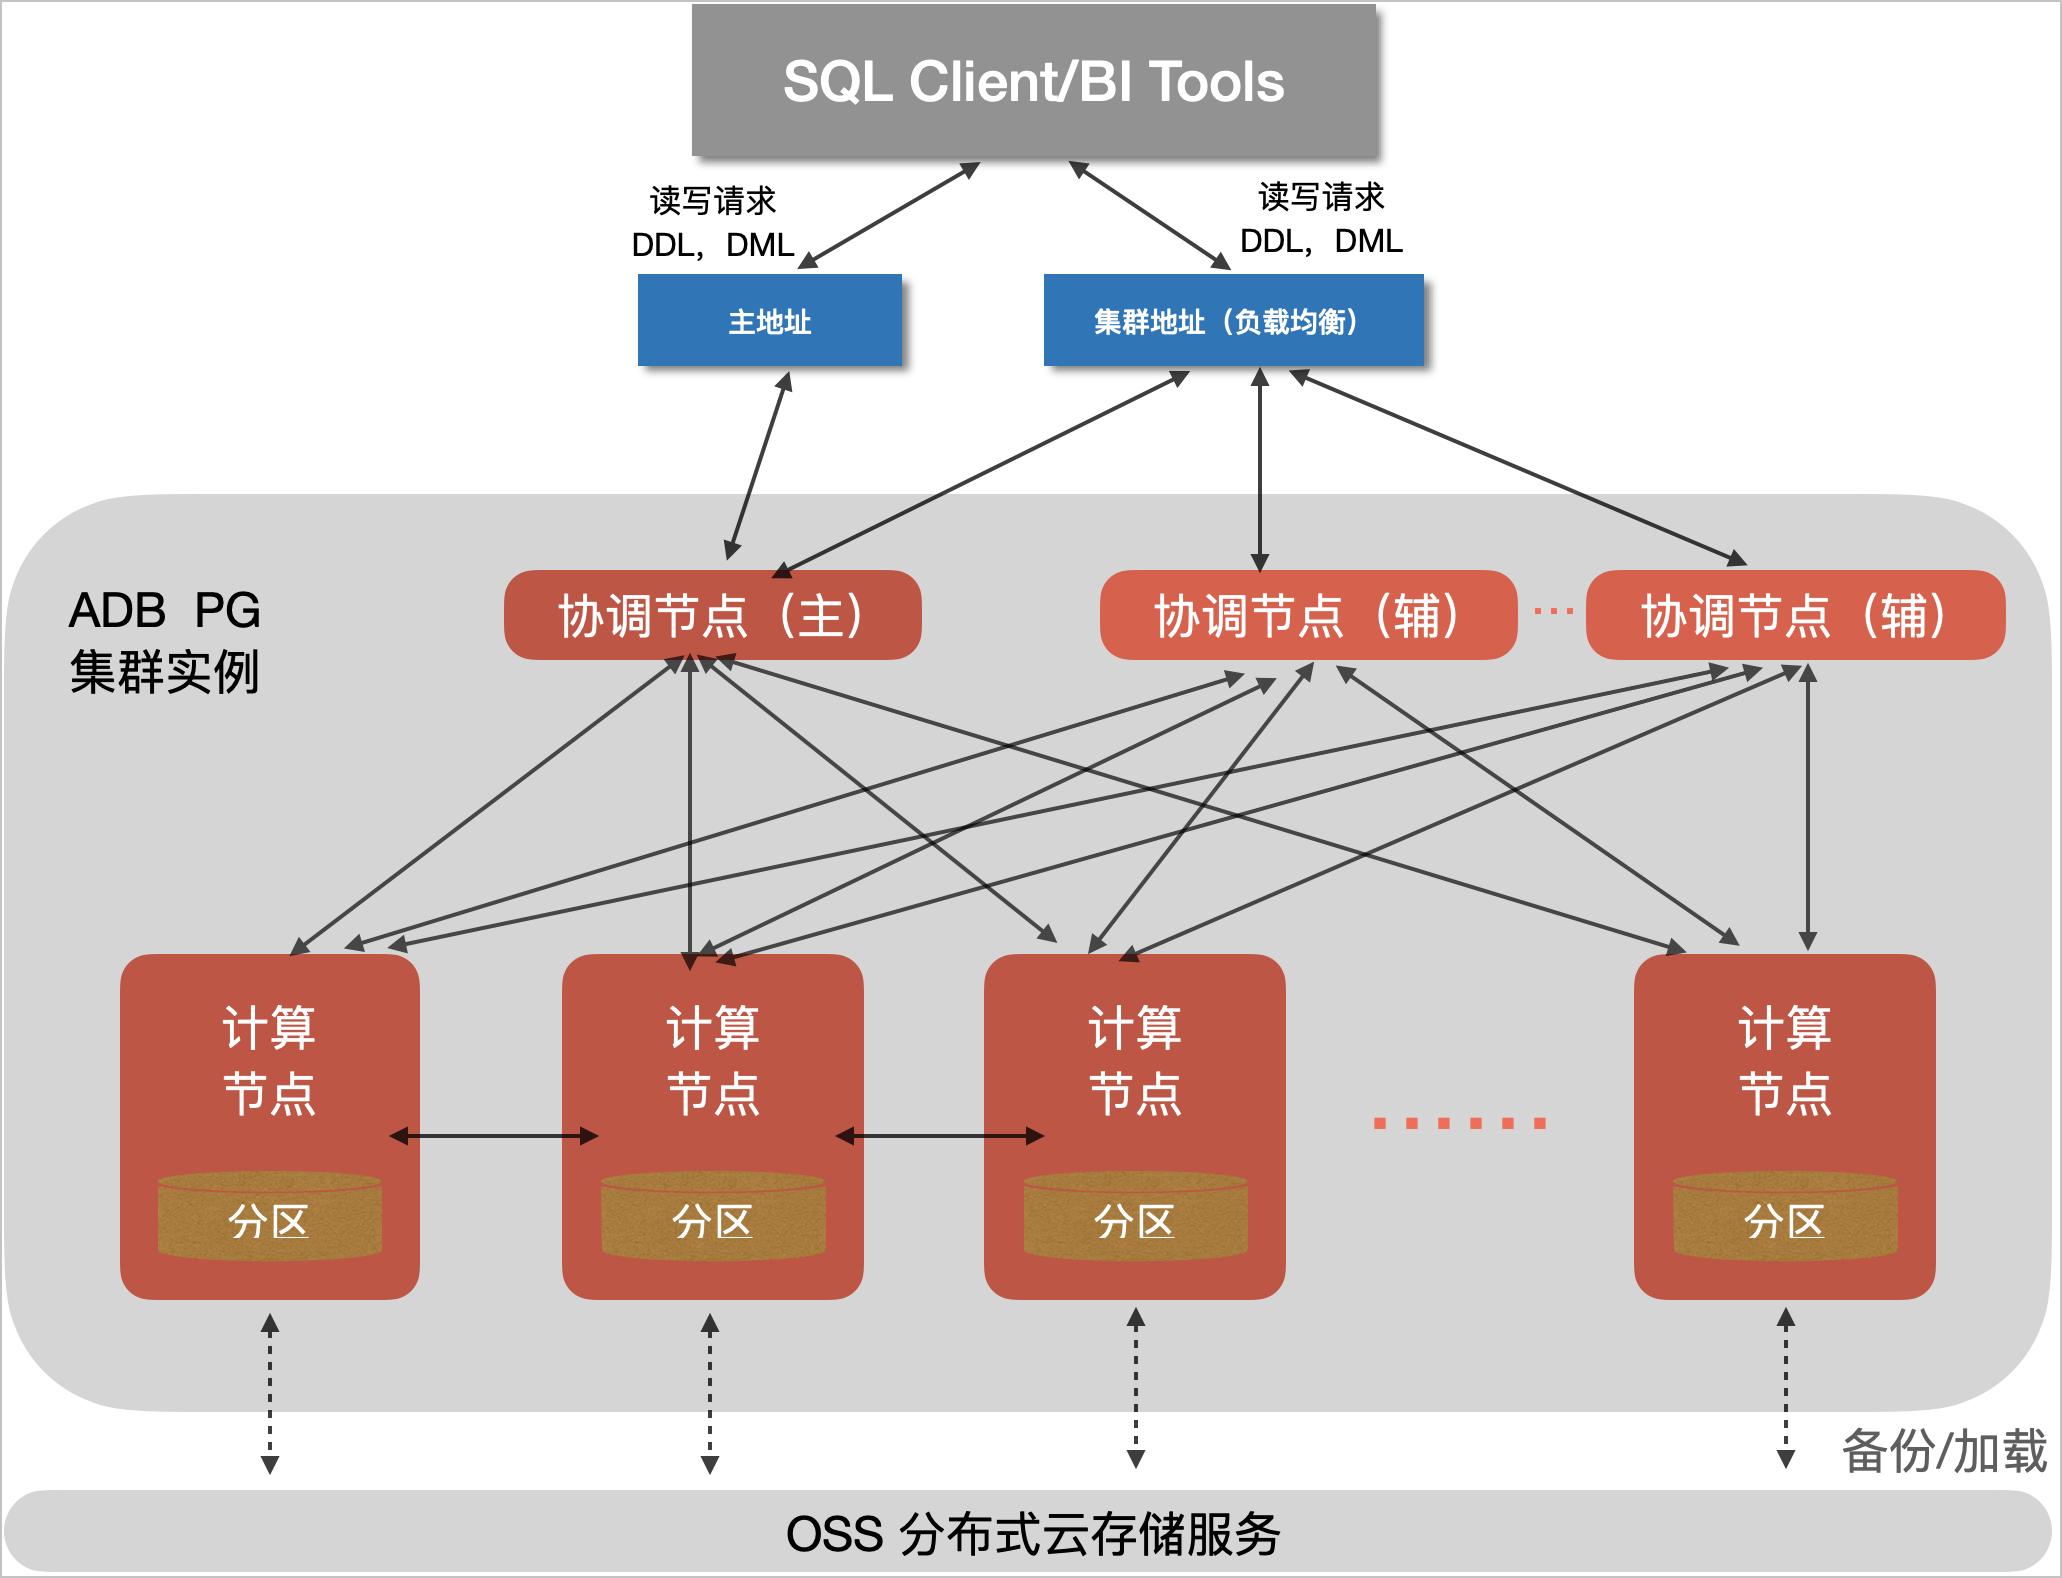 阿里云 AnalyticDB 产品架构图